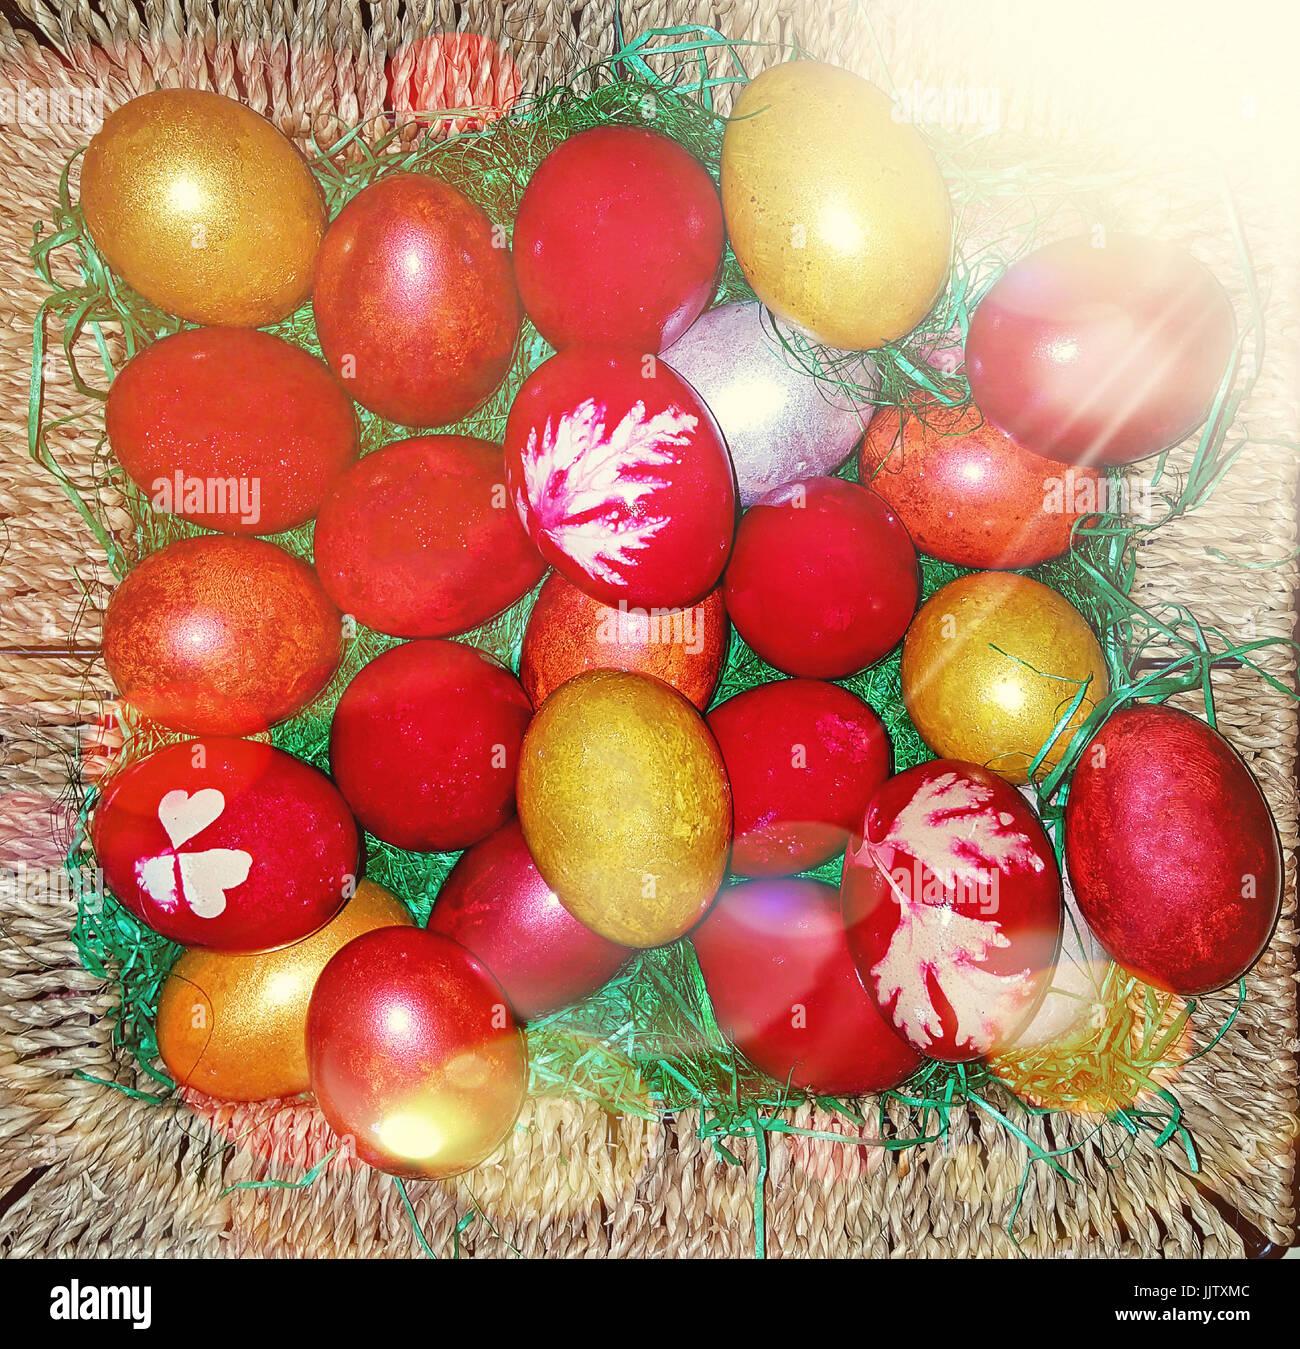 Colorati dipinti tradizionali uova di pasqua in un cestello di marrone con raggi divina luci. Immagini Stock